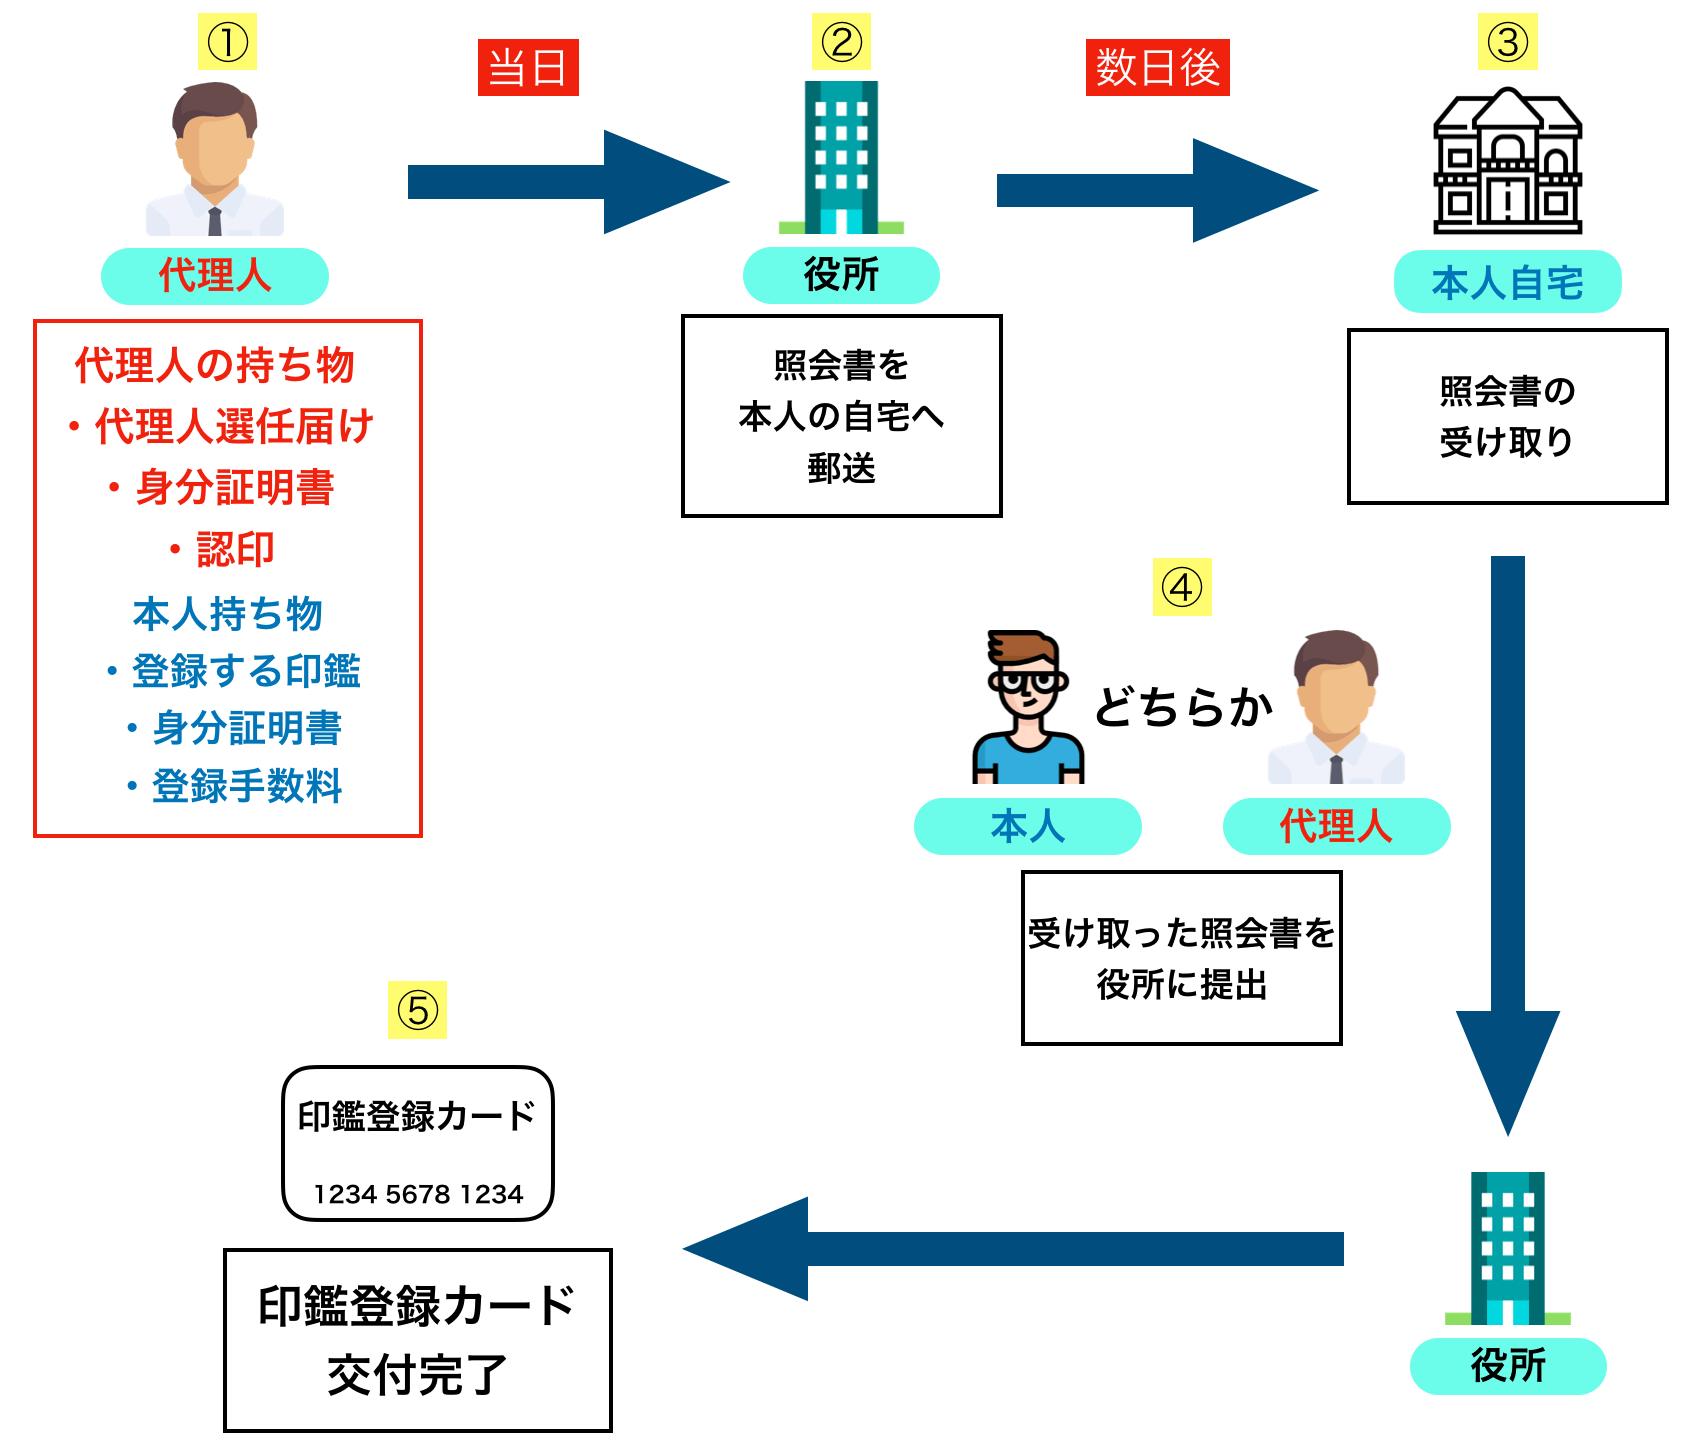 代理人による印鑑証明の登録手順